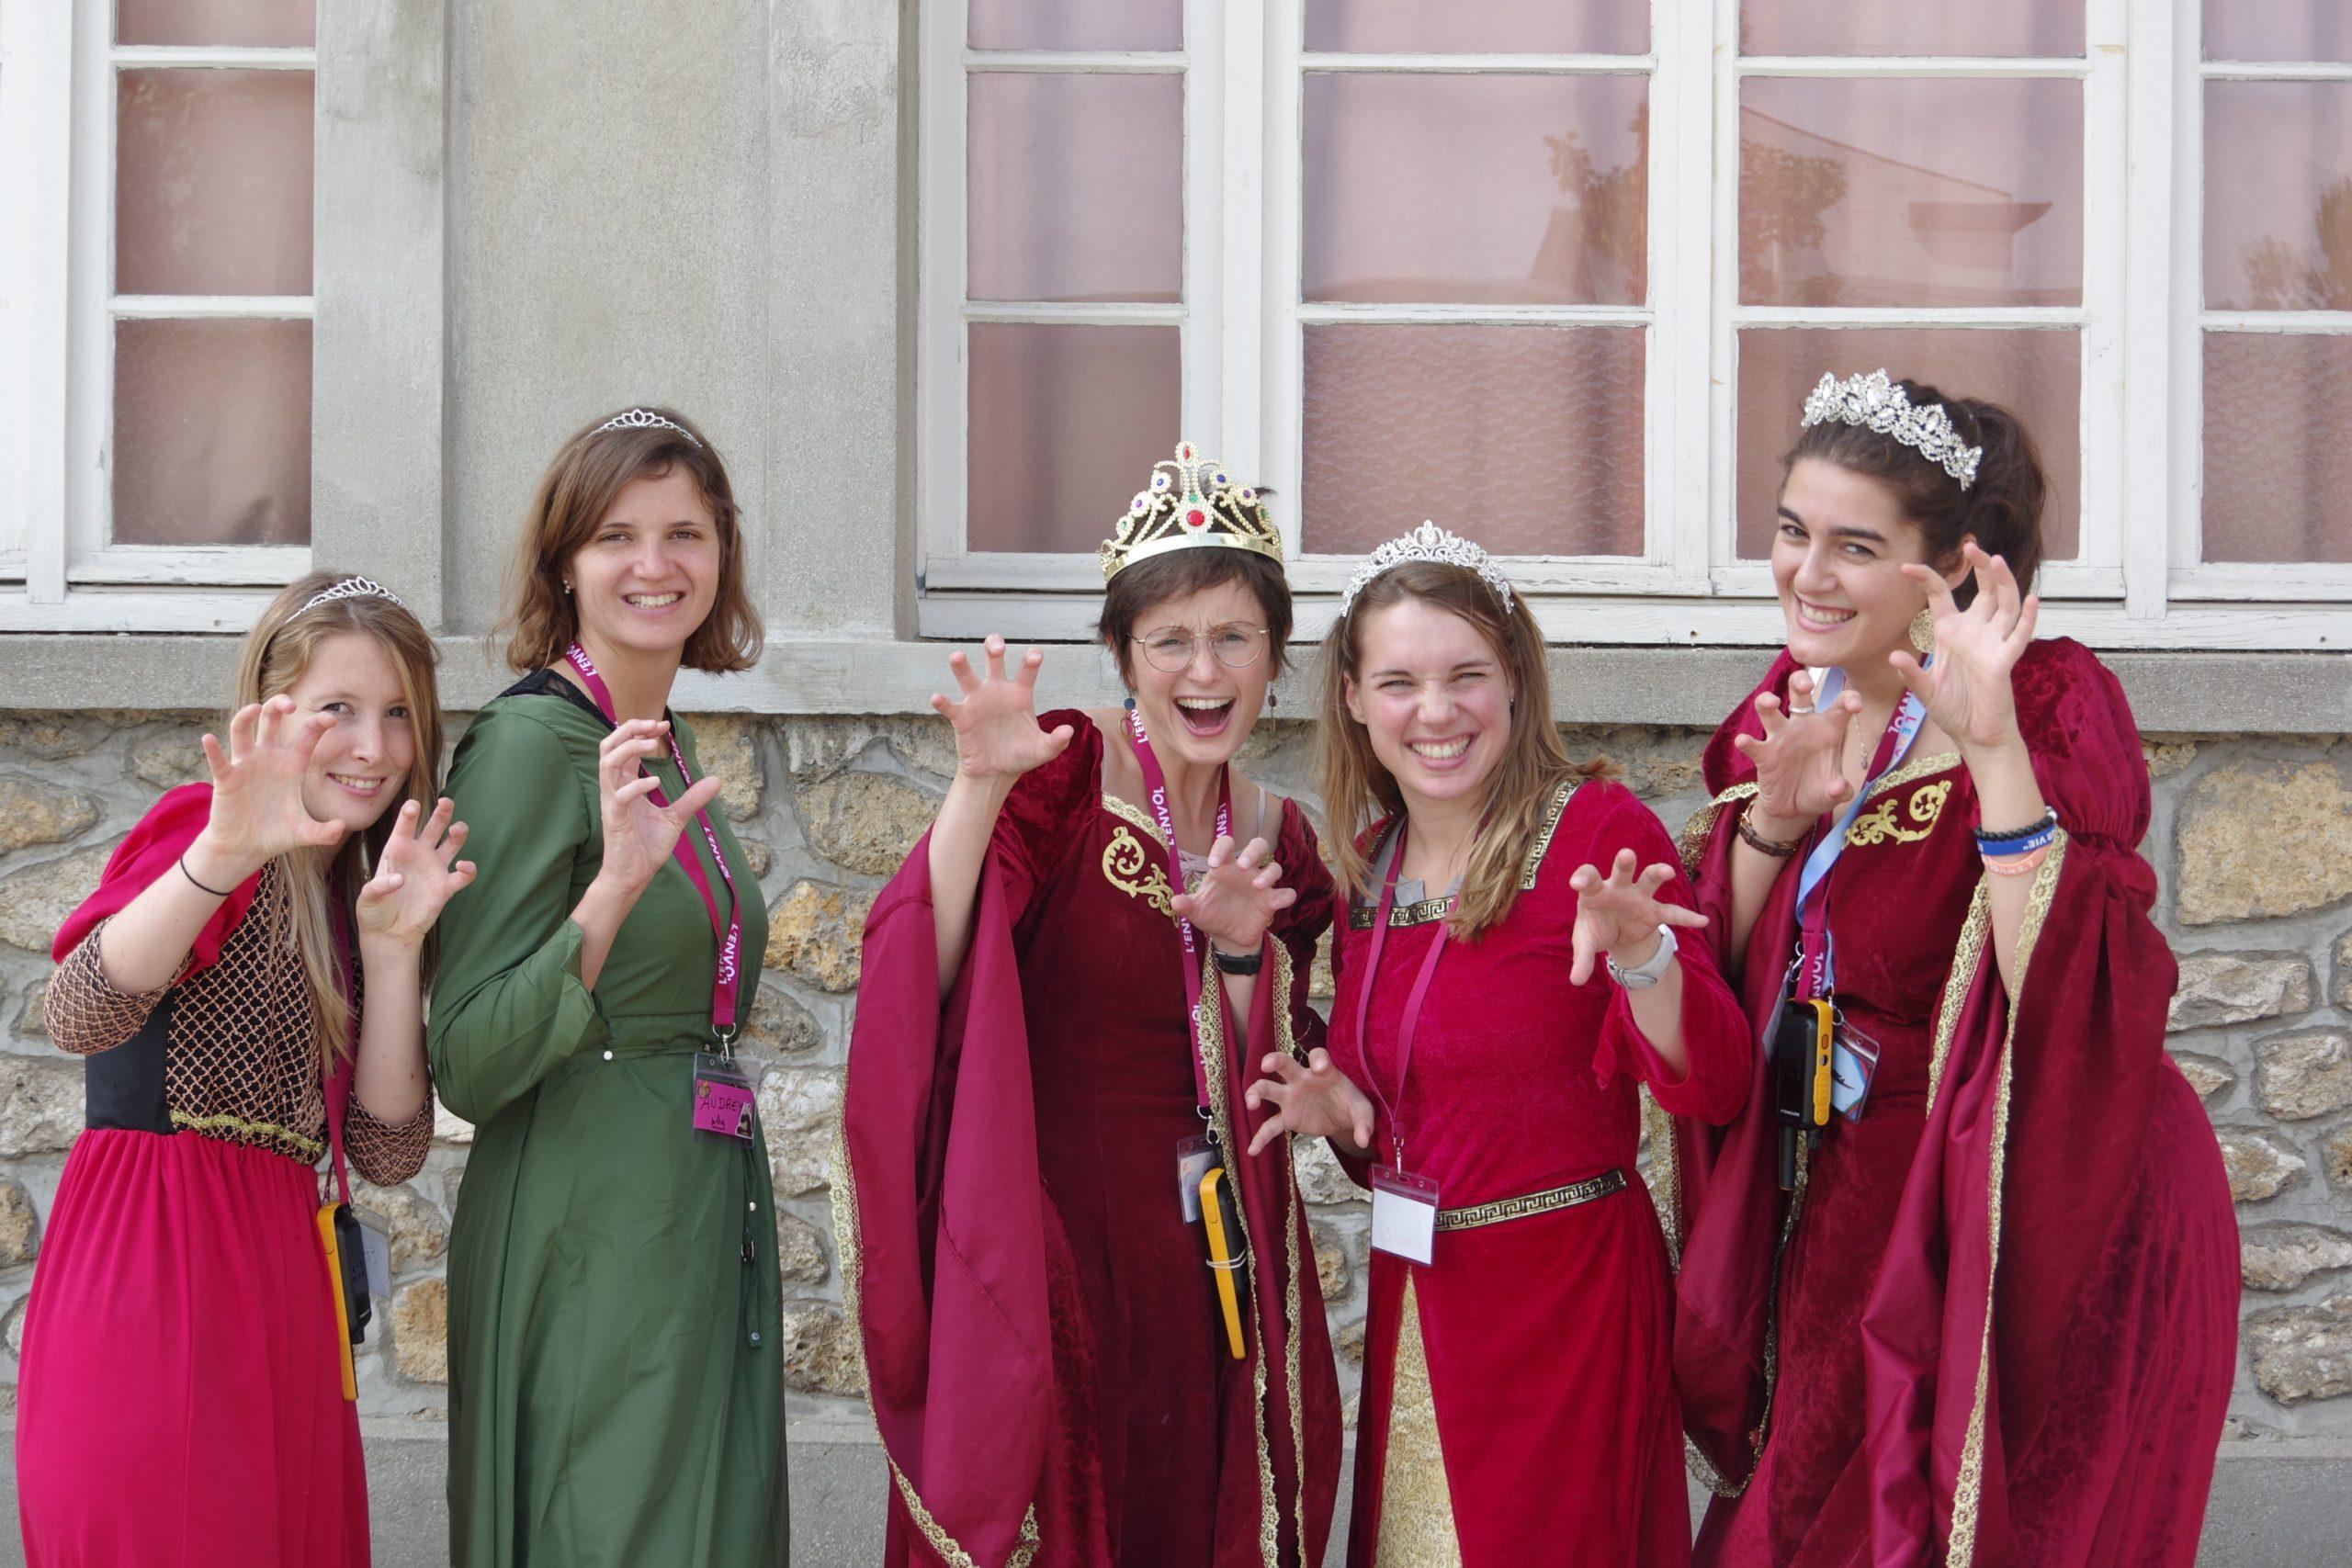 Infirmières et médecin bénévoles déguisées en princesses et reine